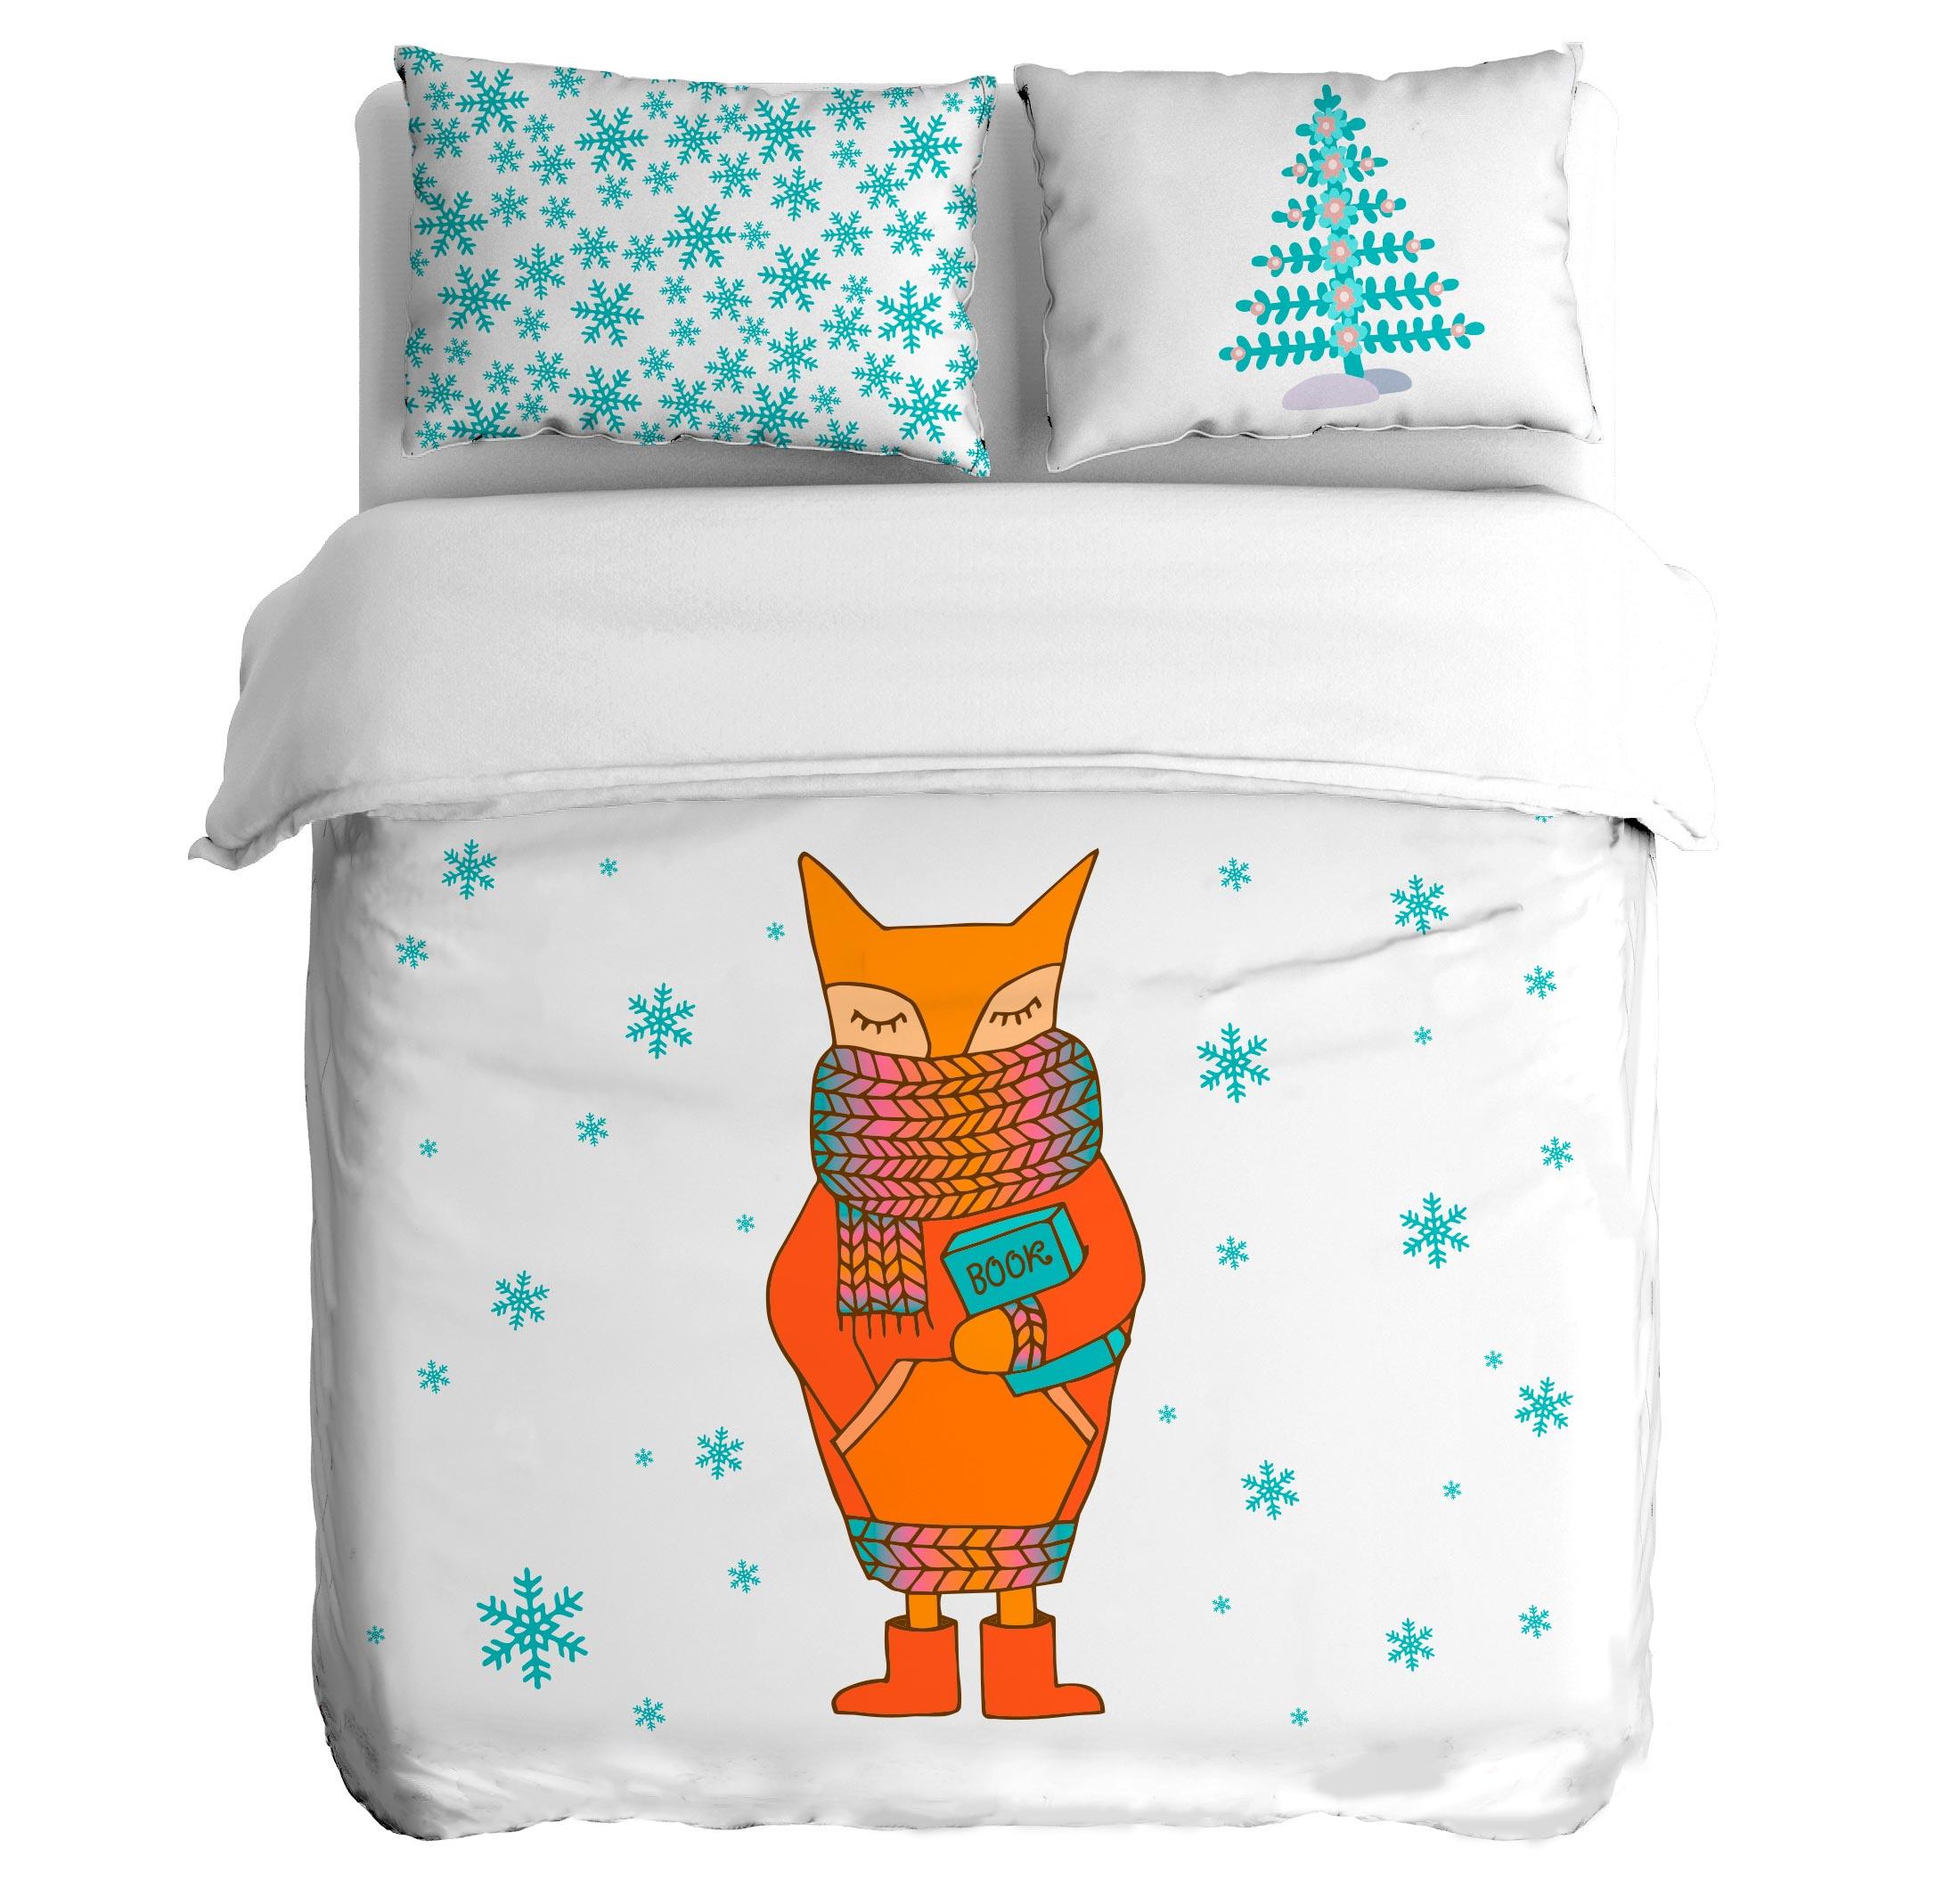 Постельное белье Peach Постельное белье First snowfall (семейное) постельное белье мартекс постельное белье микрофибра 3d визит